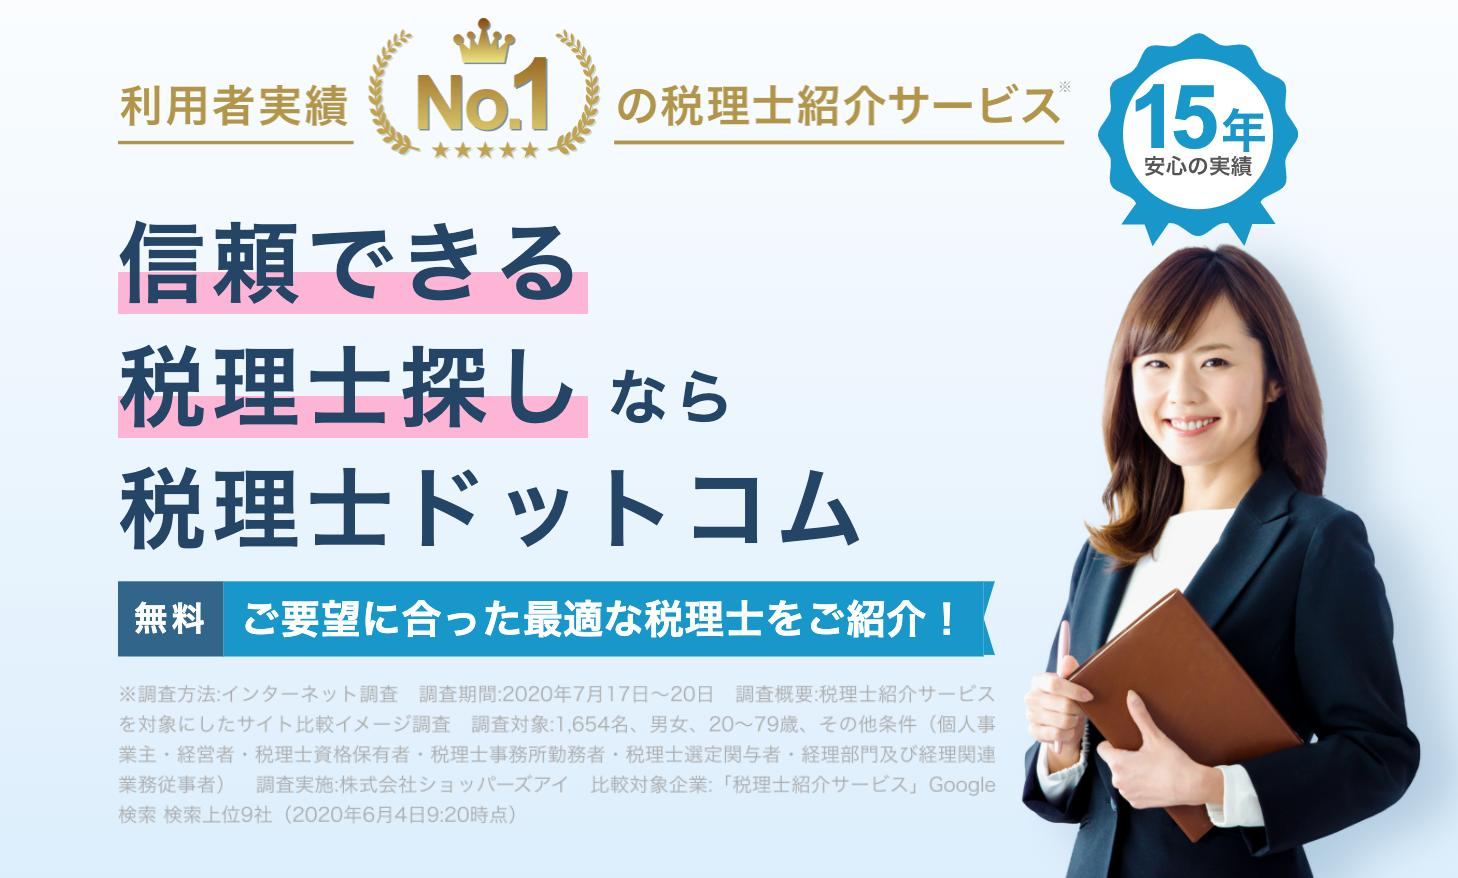 税理士紹介サービス 医療DXツール.com